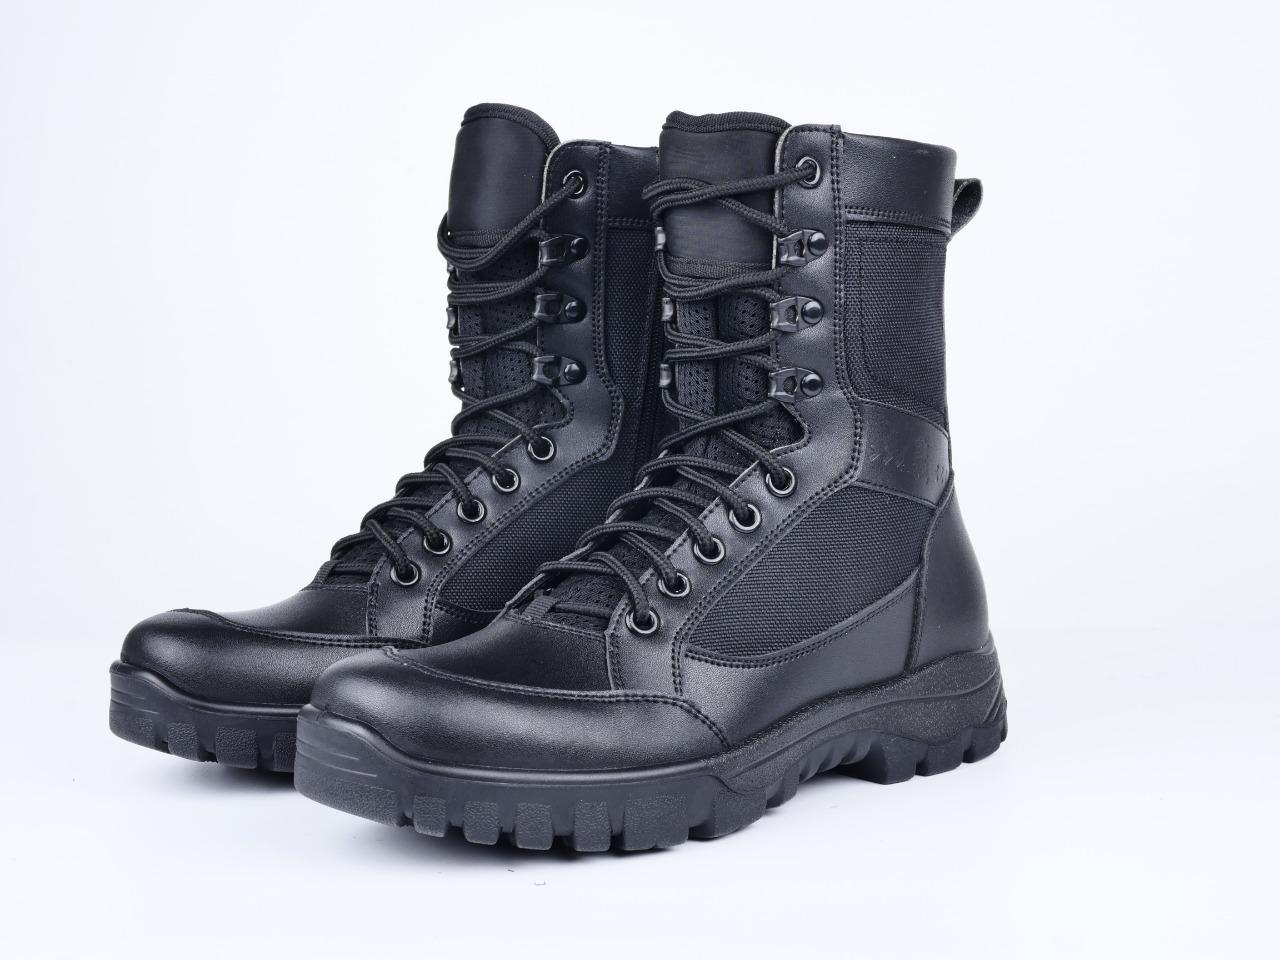 112防爆靴户外轻量军迷作战靴战术靴男高帮防水防滑透气靴沙漠靴 38—46码